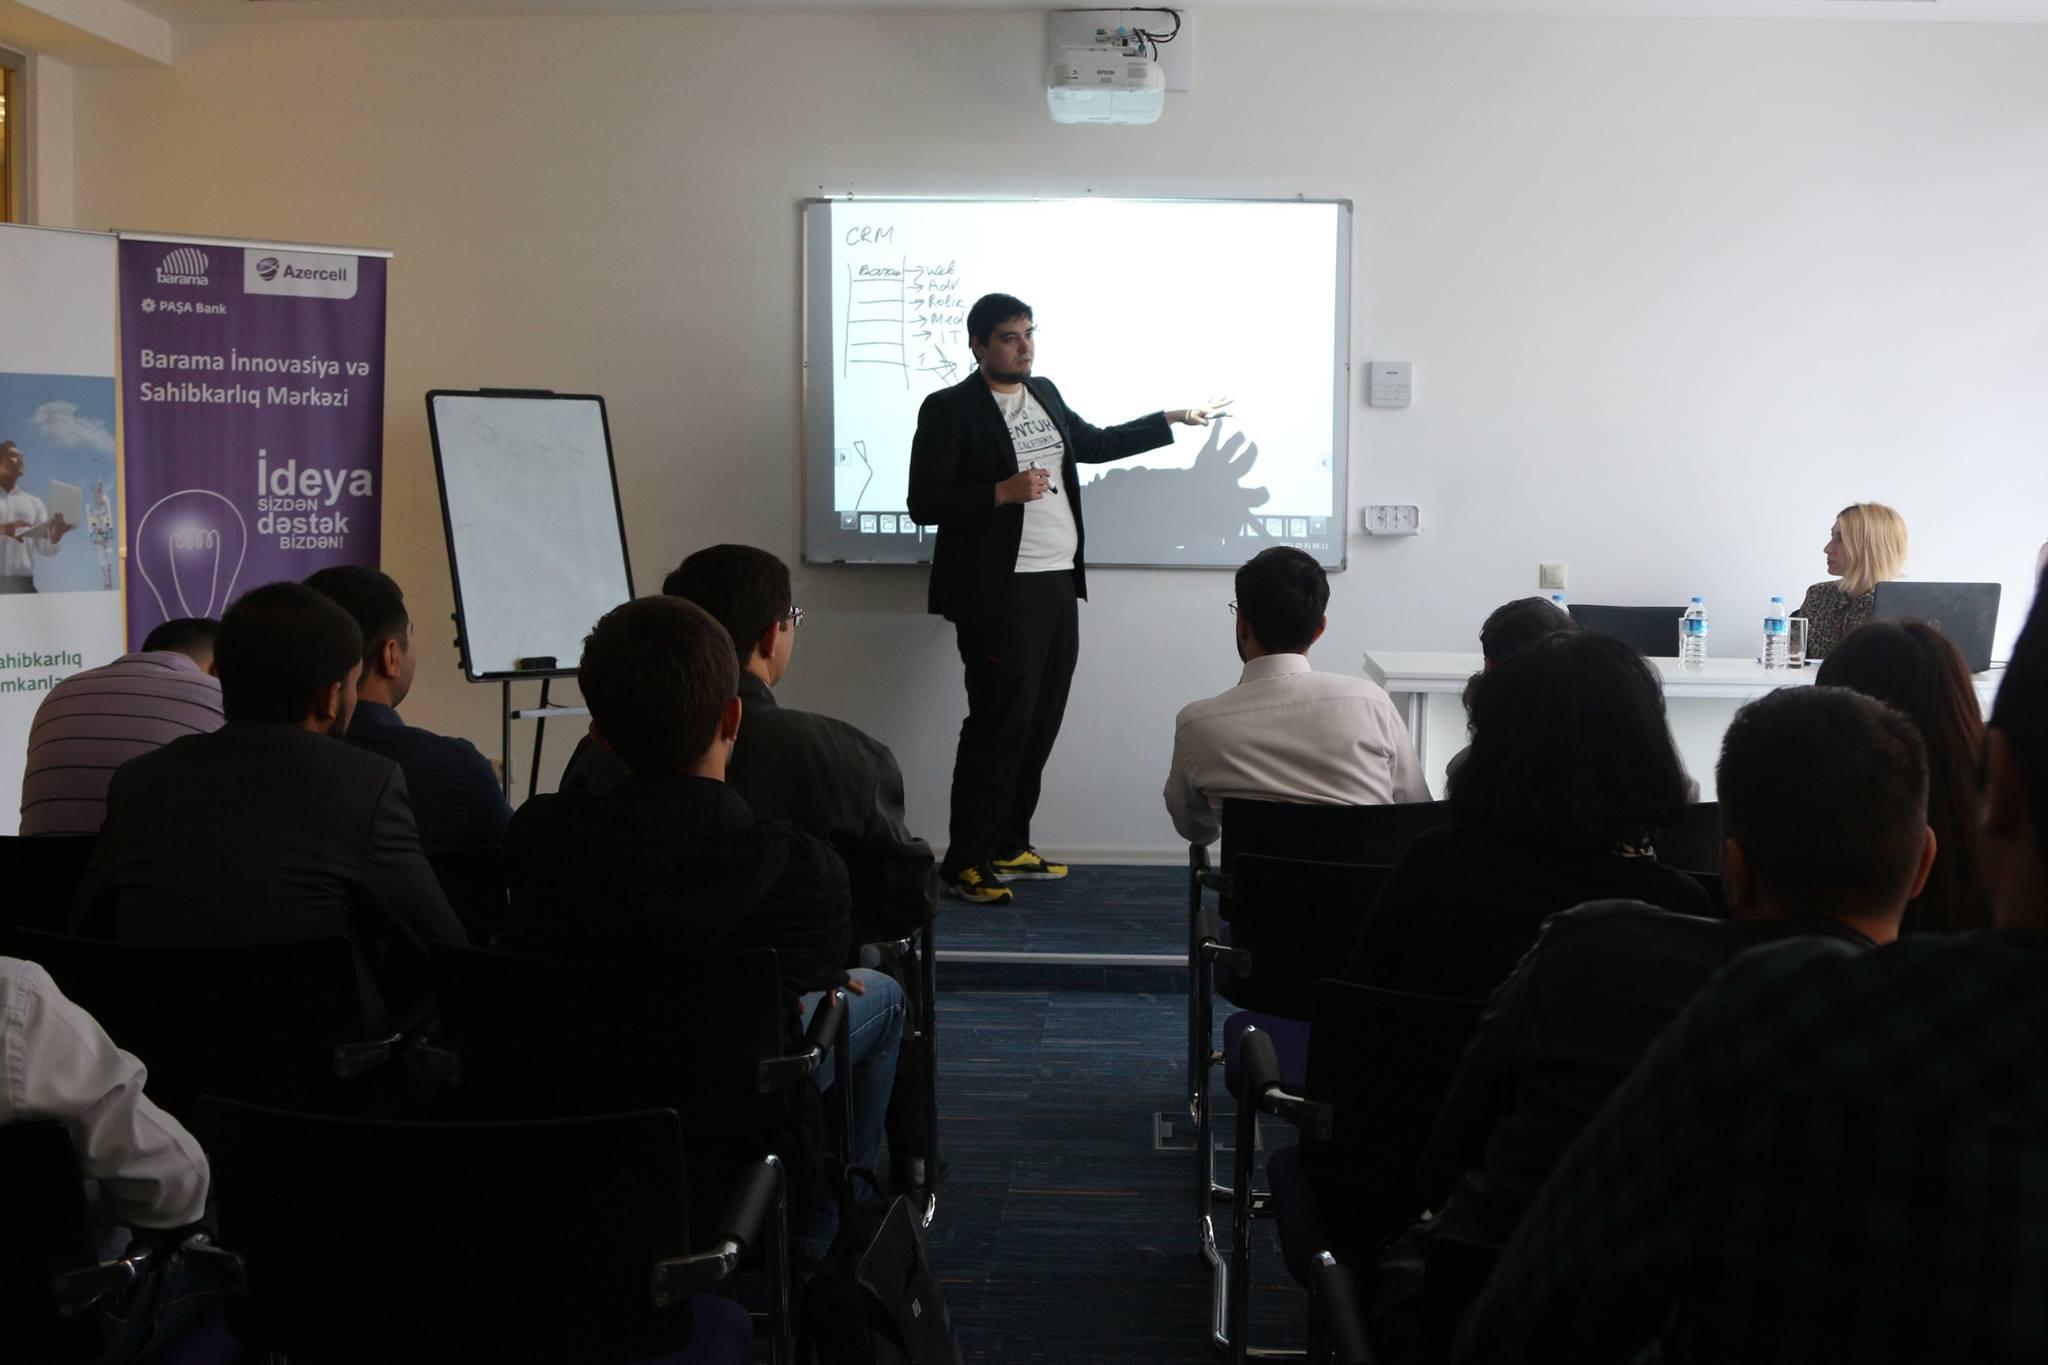 """""""Barama"""" innovasiya və sahibkarlıq mərkəzində """"Marketing Strategy and Business Development"""" seminarı"""